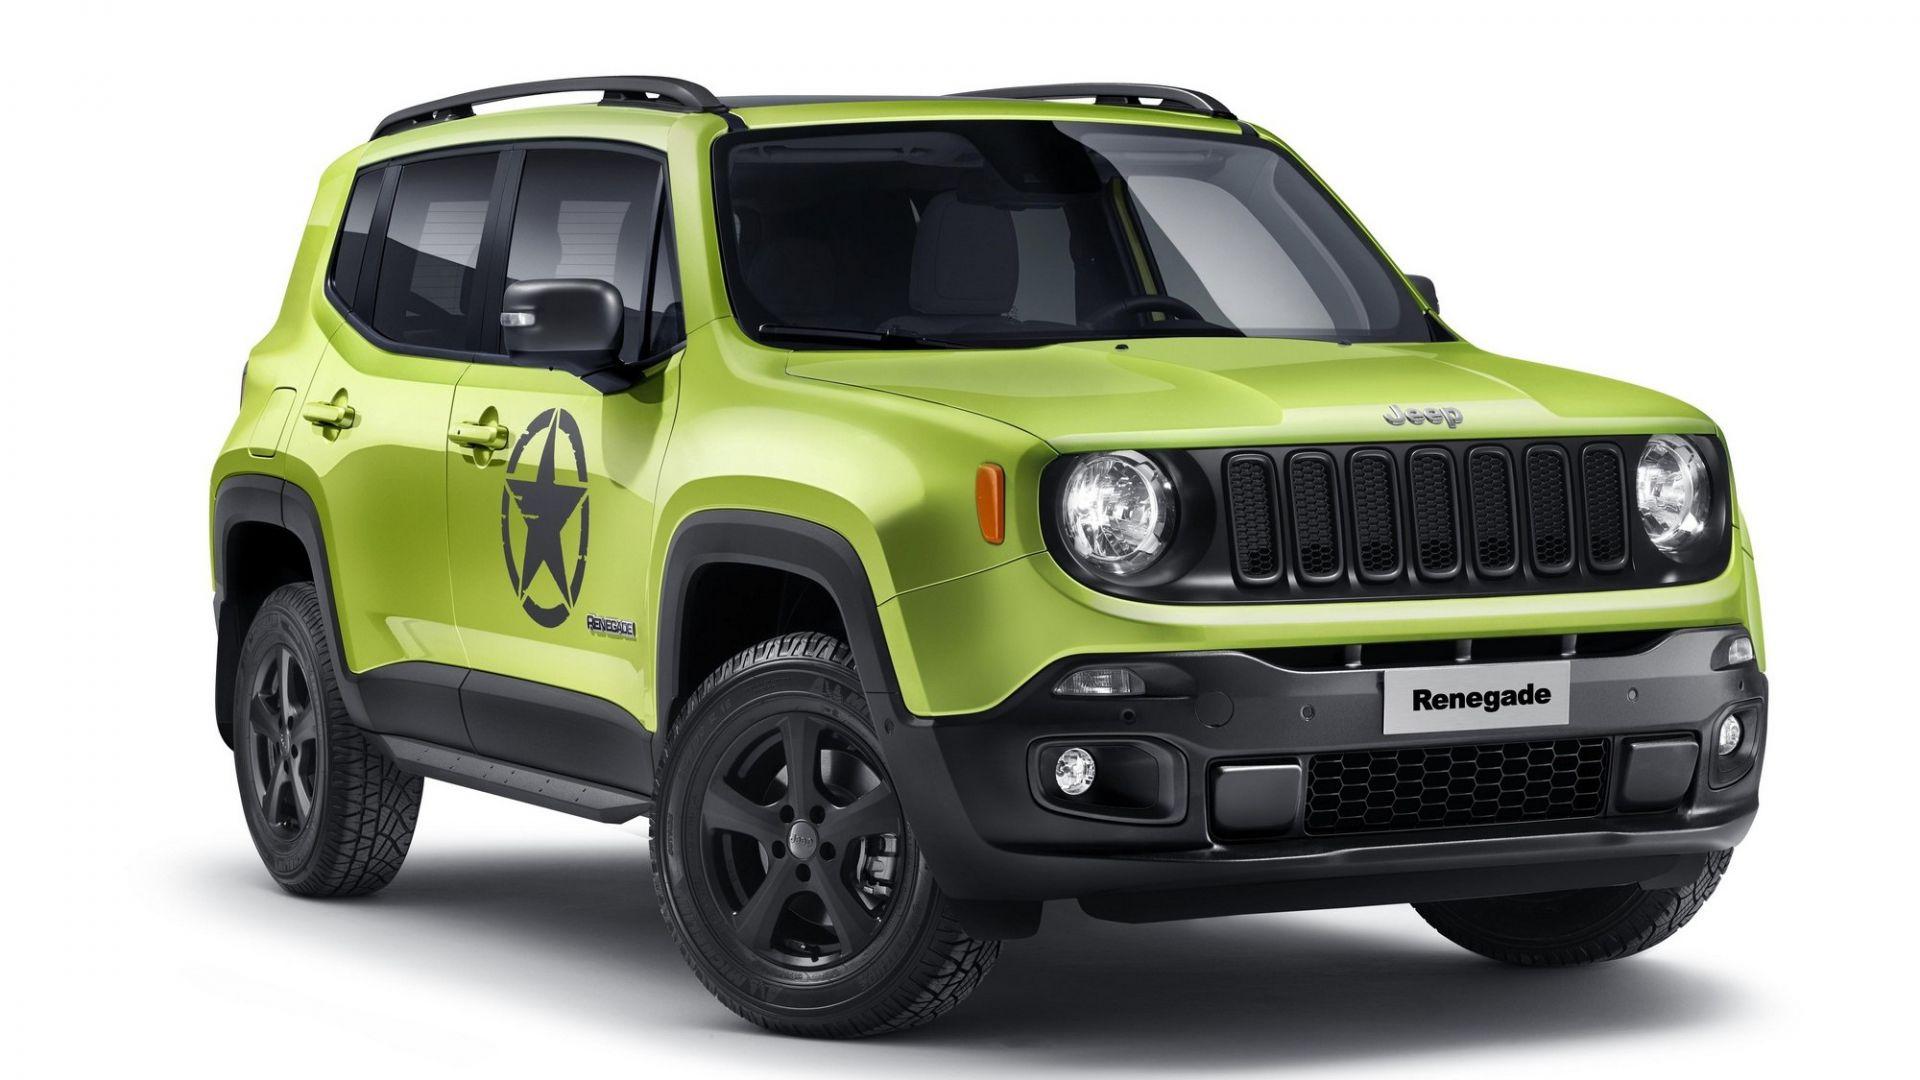 jeep renegade by mopar pi corazzata al salone di ginevra. Black Bedroom Furniture Sets. Home Design Ideas